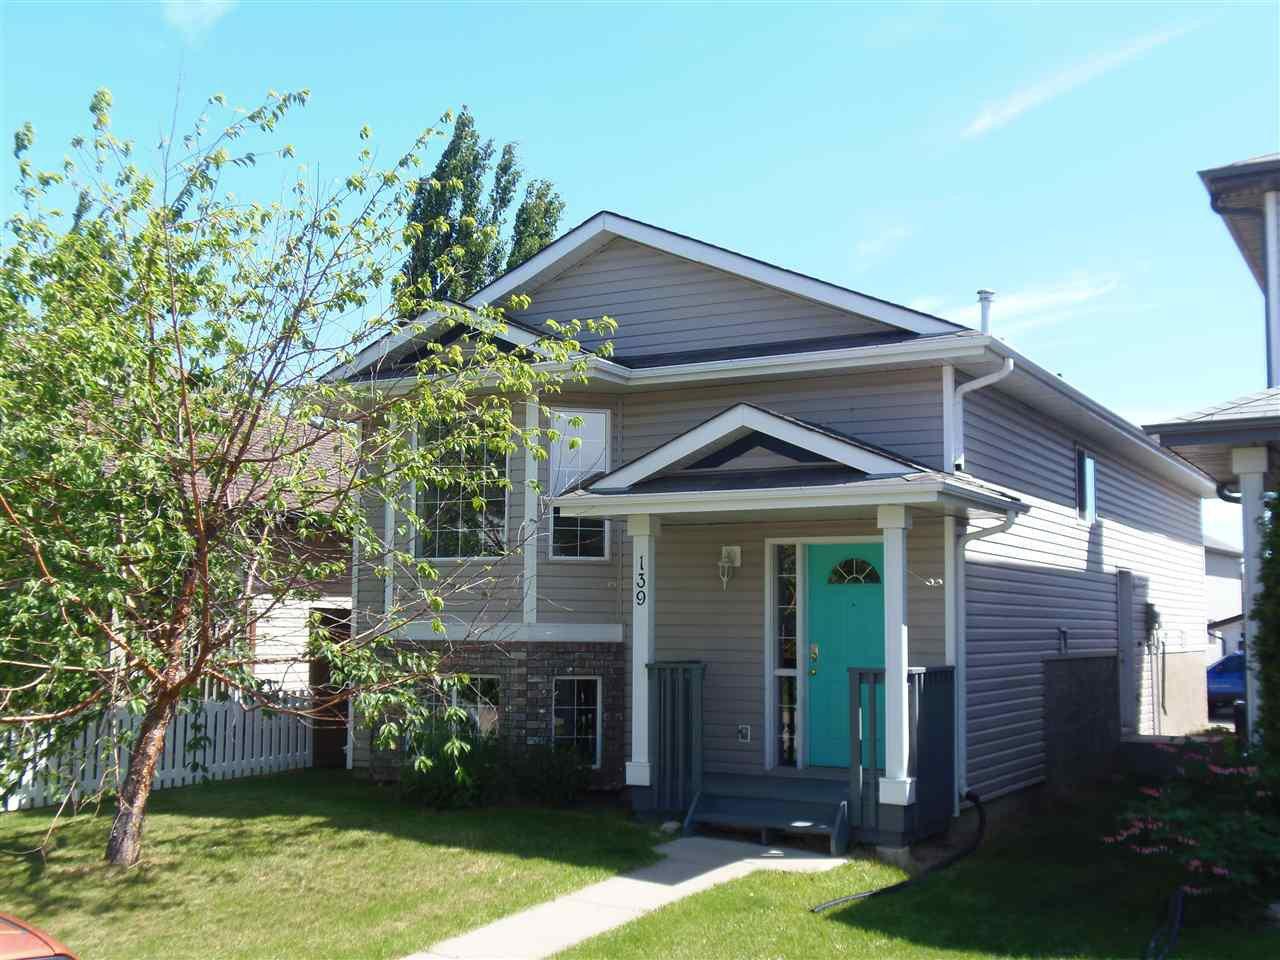 Main Photo: 139 BROOKVIEW Way: Stony Plain House for sale : MLS®# E4161726